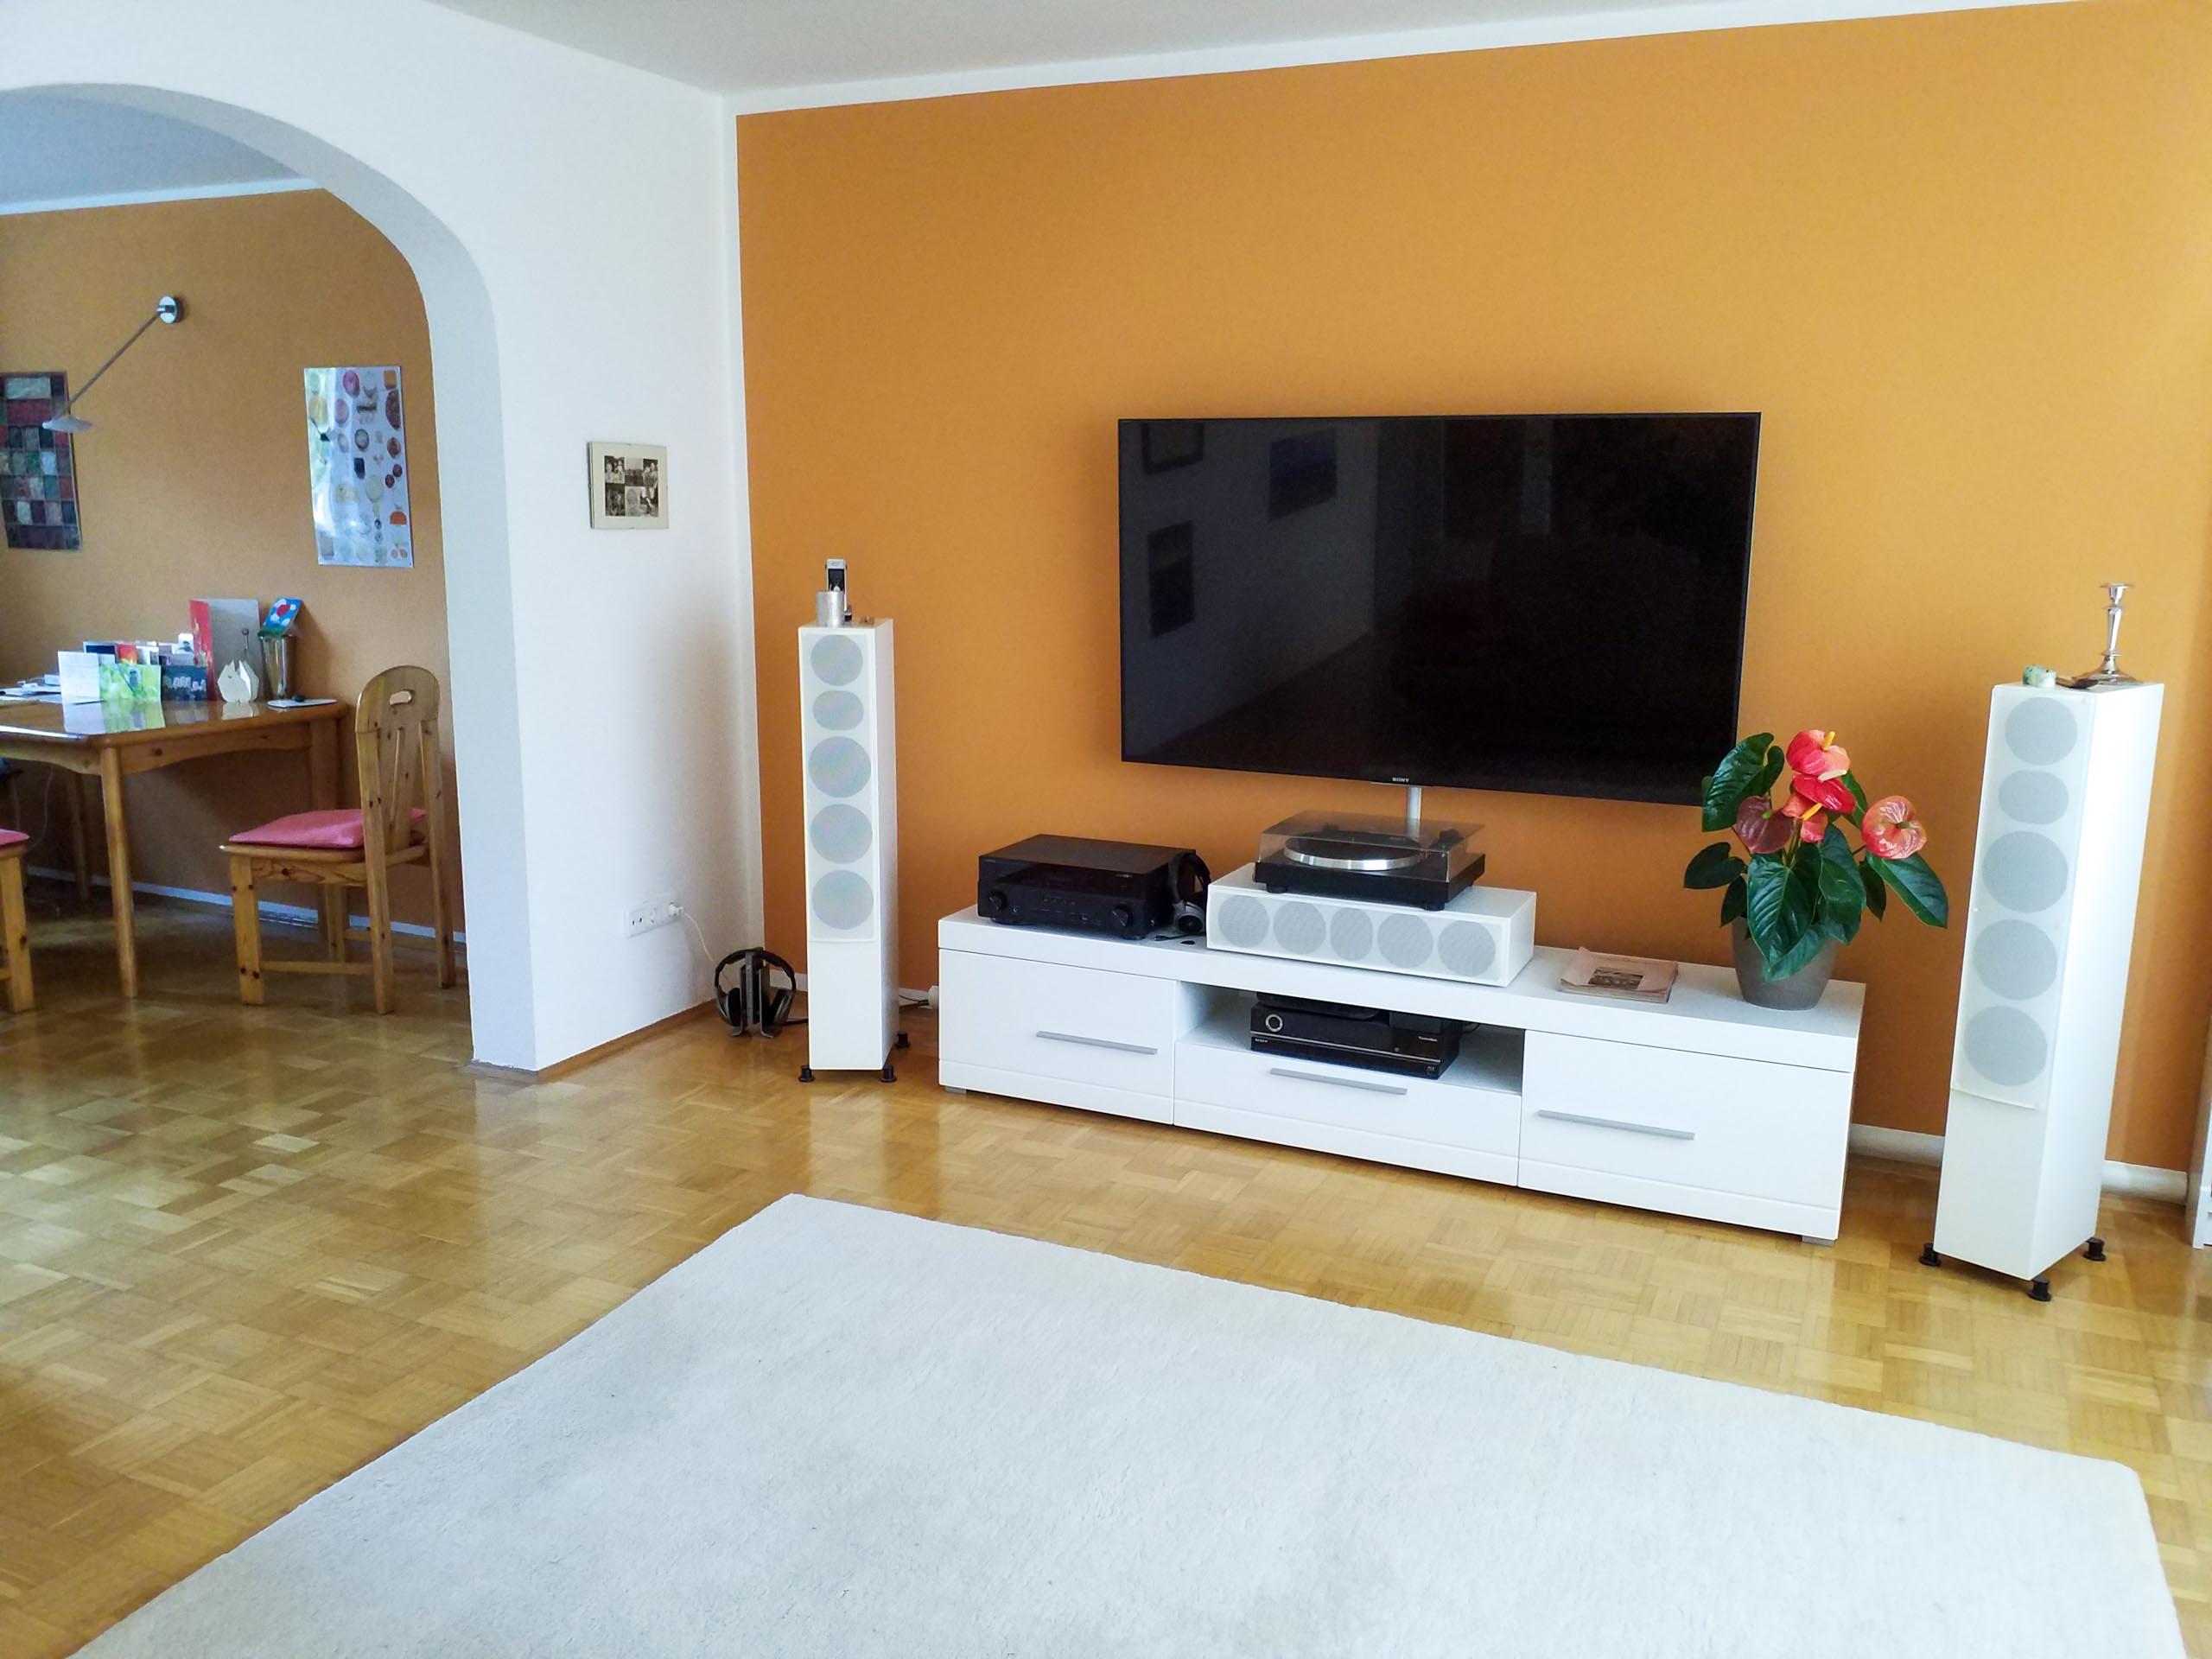 HA 2020 6 living room 004